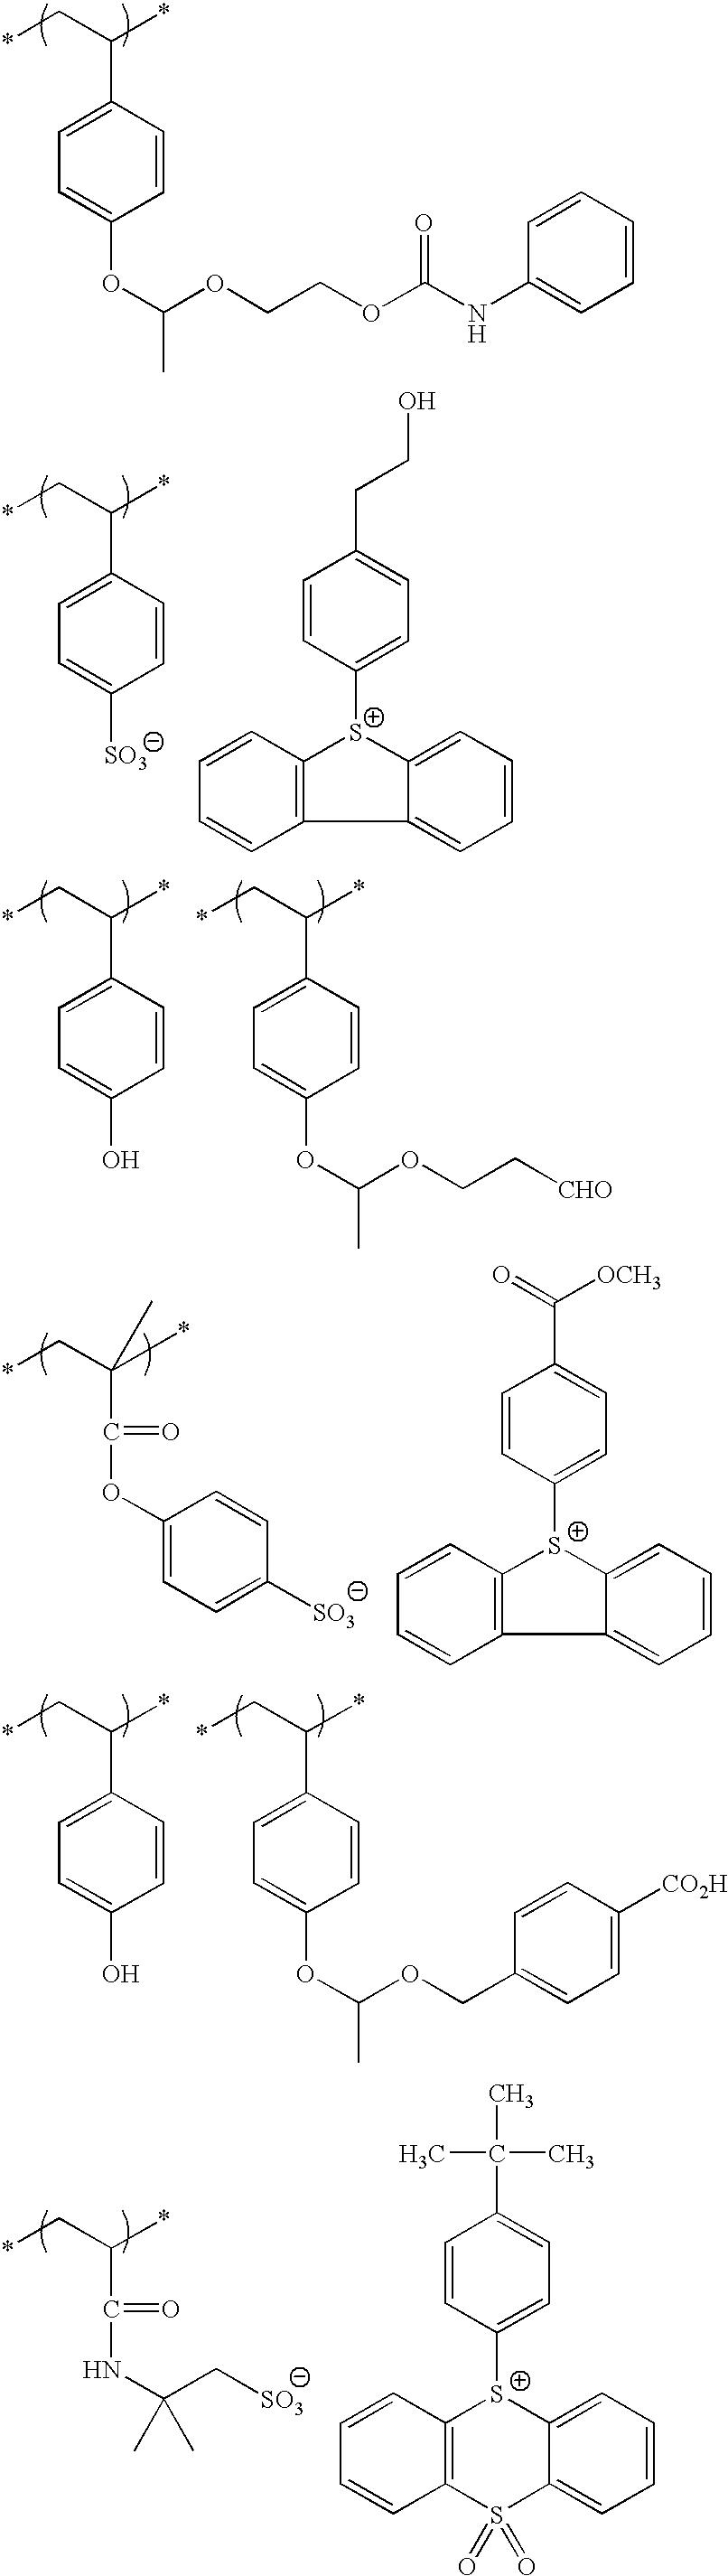 Figure US20100183975A1-20100722-C00177